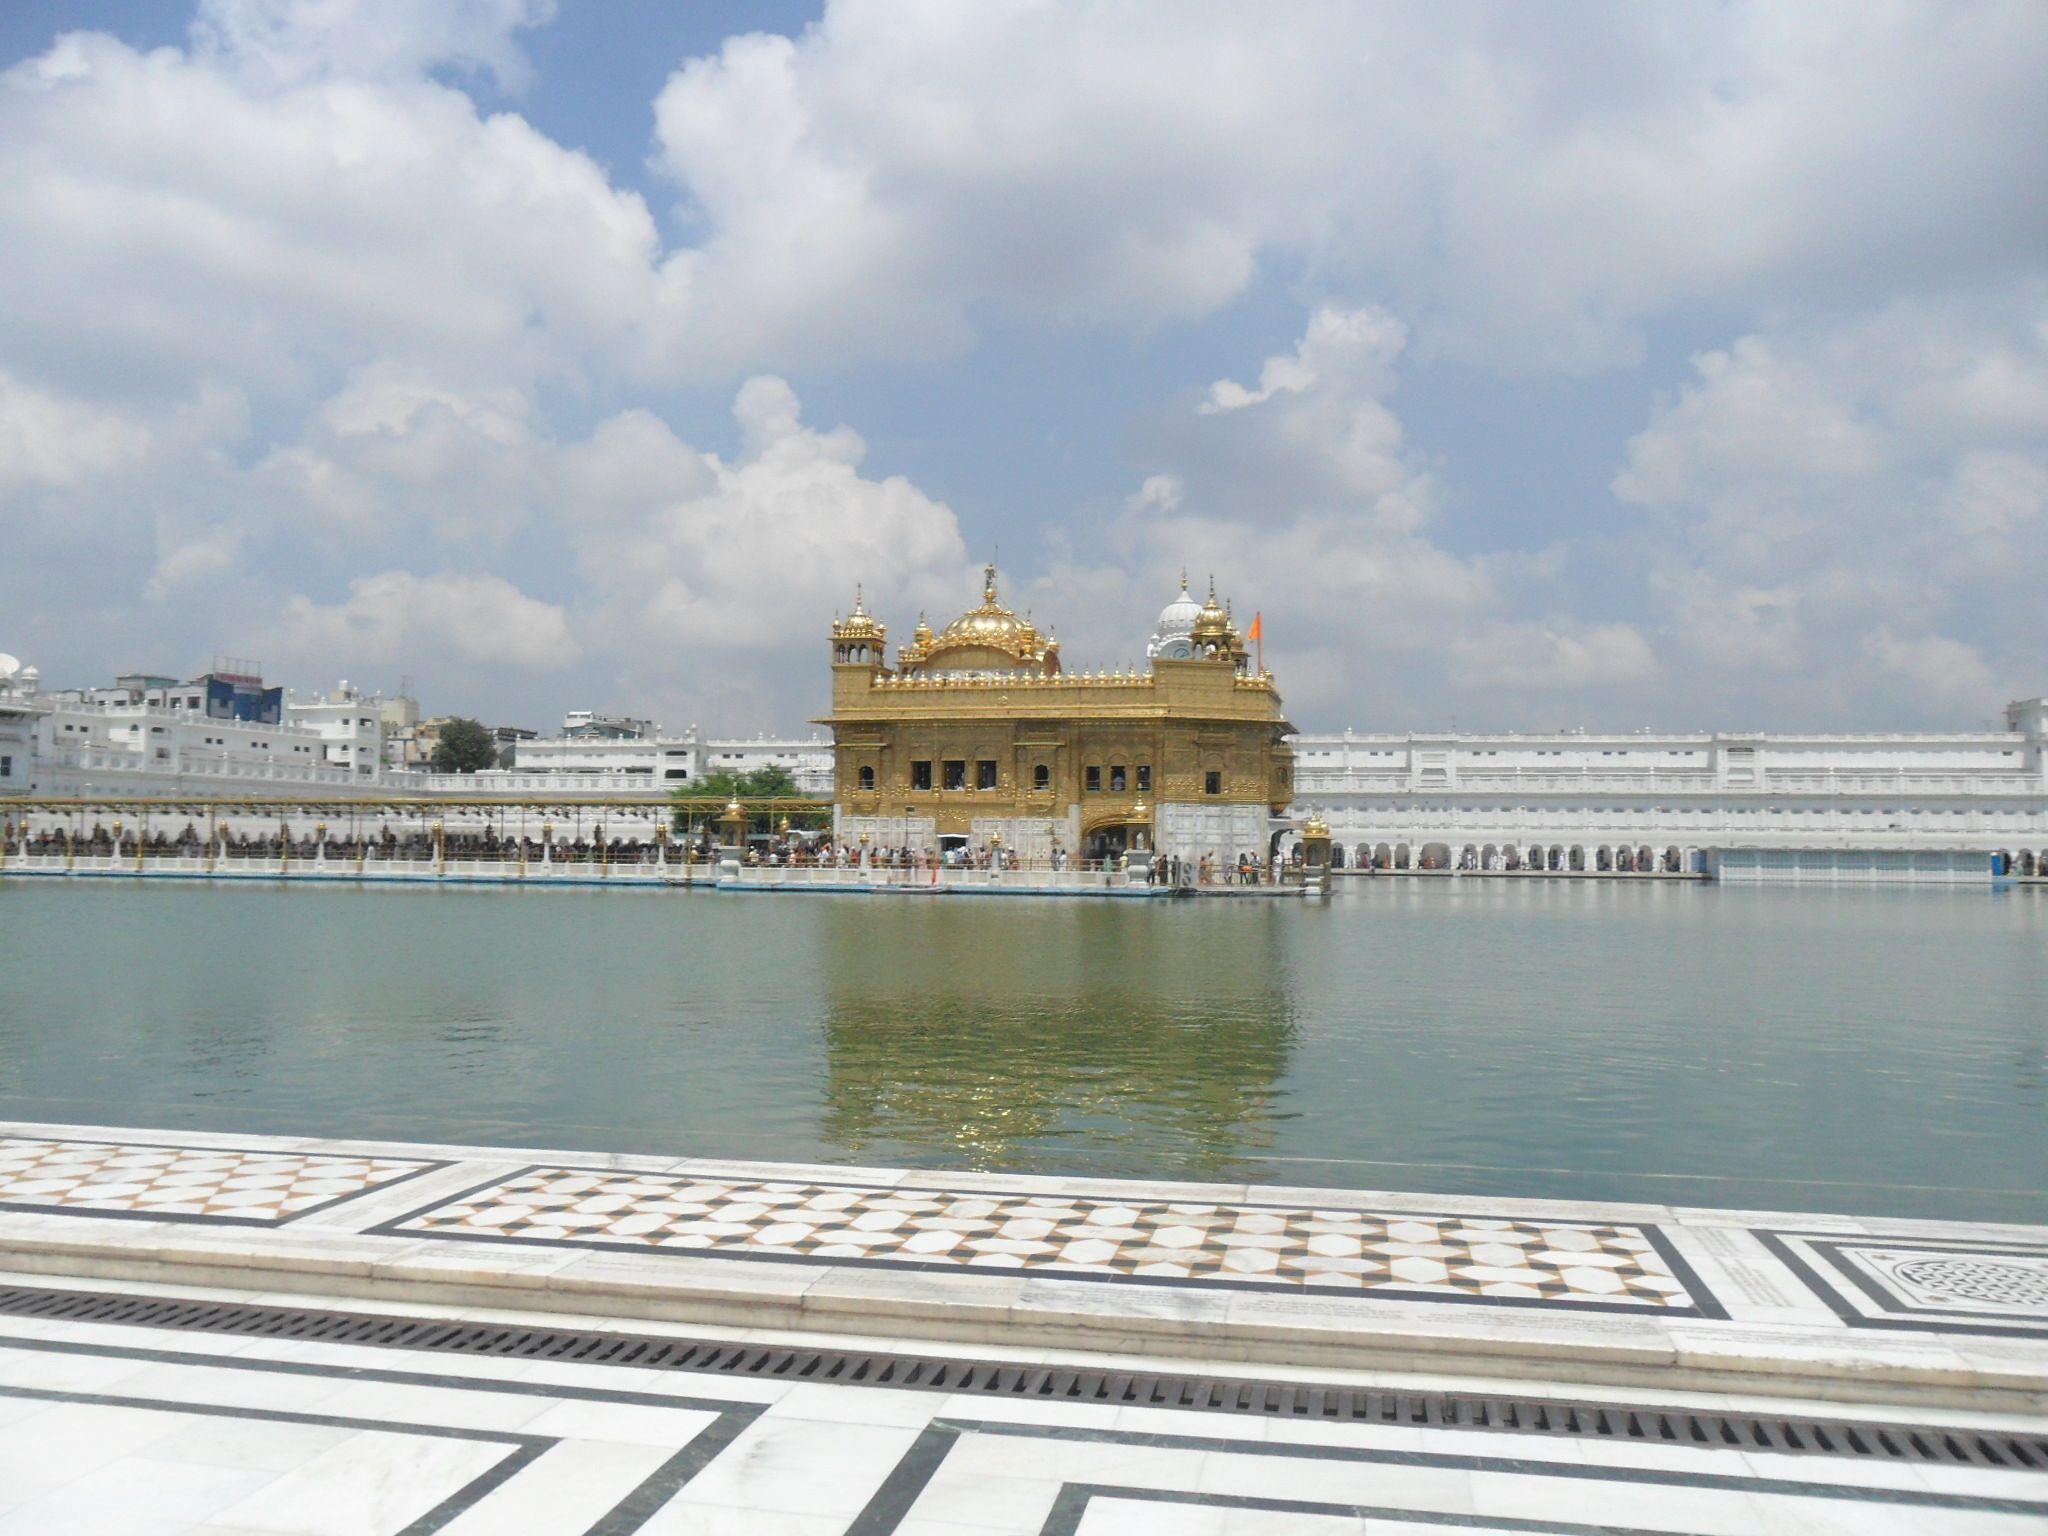 Golden Temple en Amristar, India. Un sitio increíble.